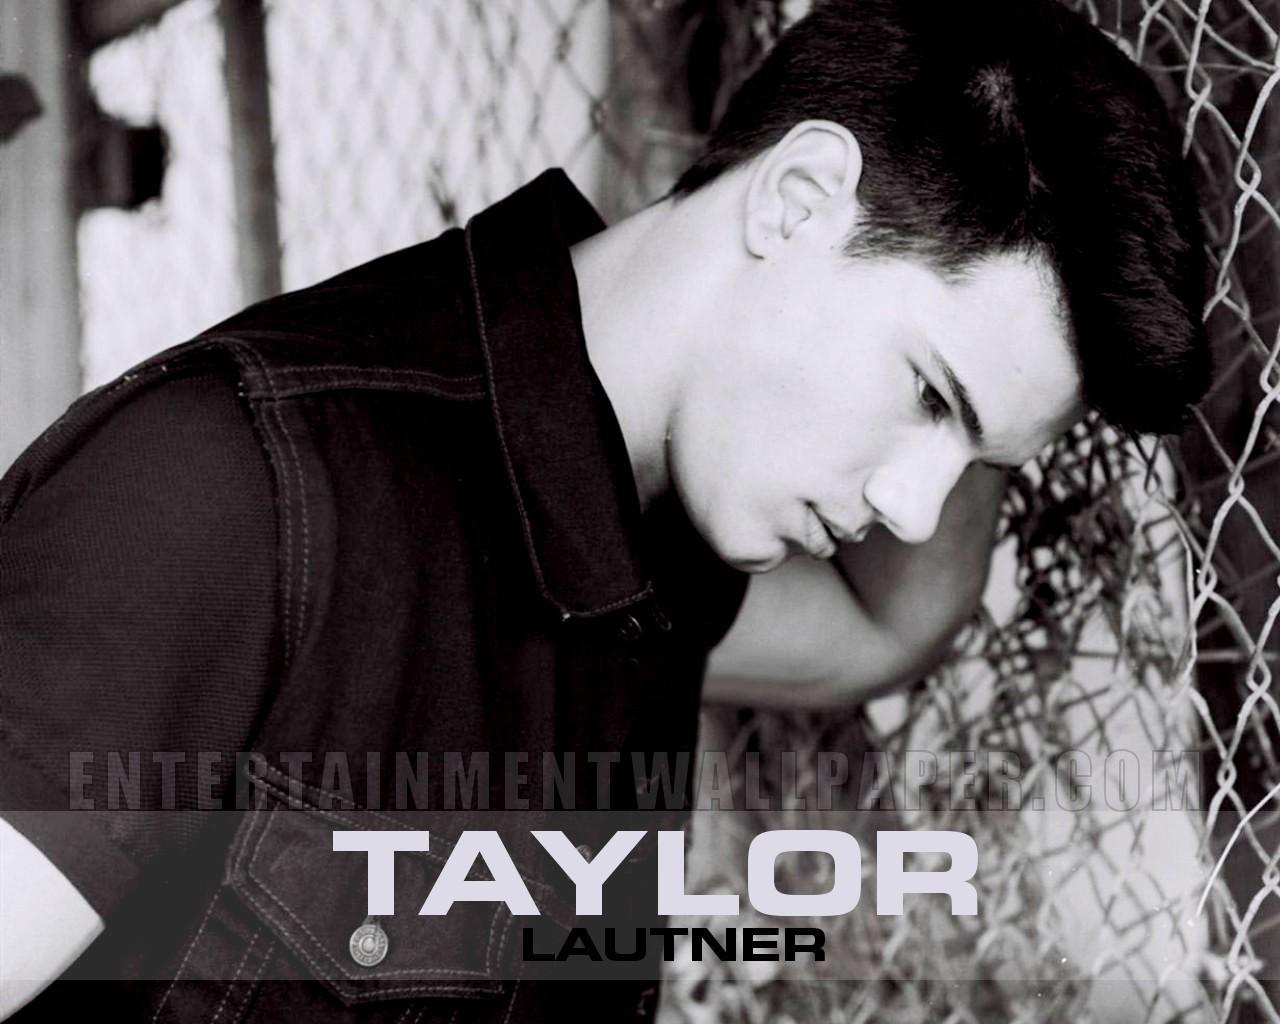 http://3.bp.blogspot.com/-qize9tfMreA/TzN0LDrkjdI/AAAAAAAAB1Y/AkJHhUK_tvE/s1600/Taylor-Lautner-wallpapers-4.jpg